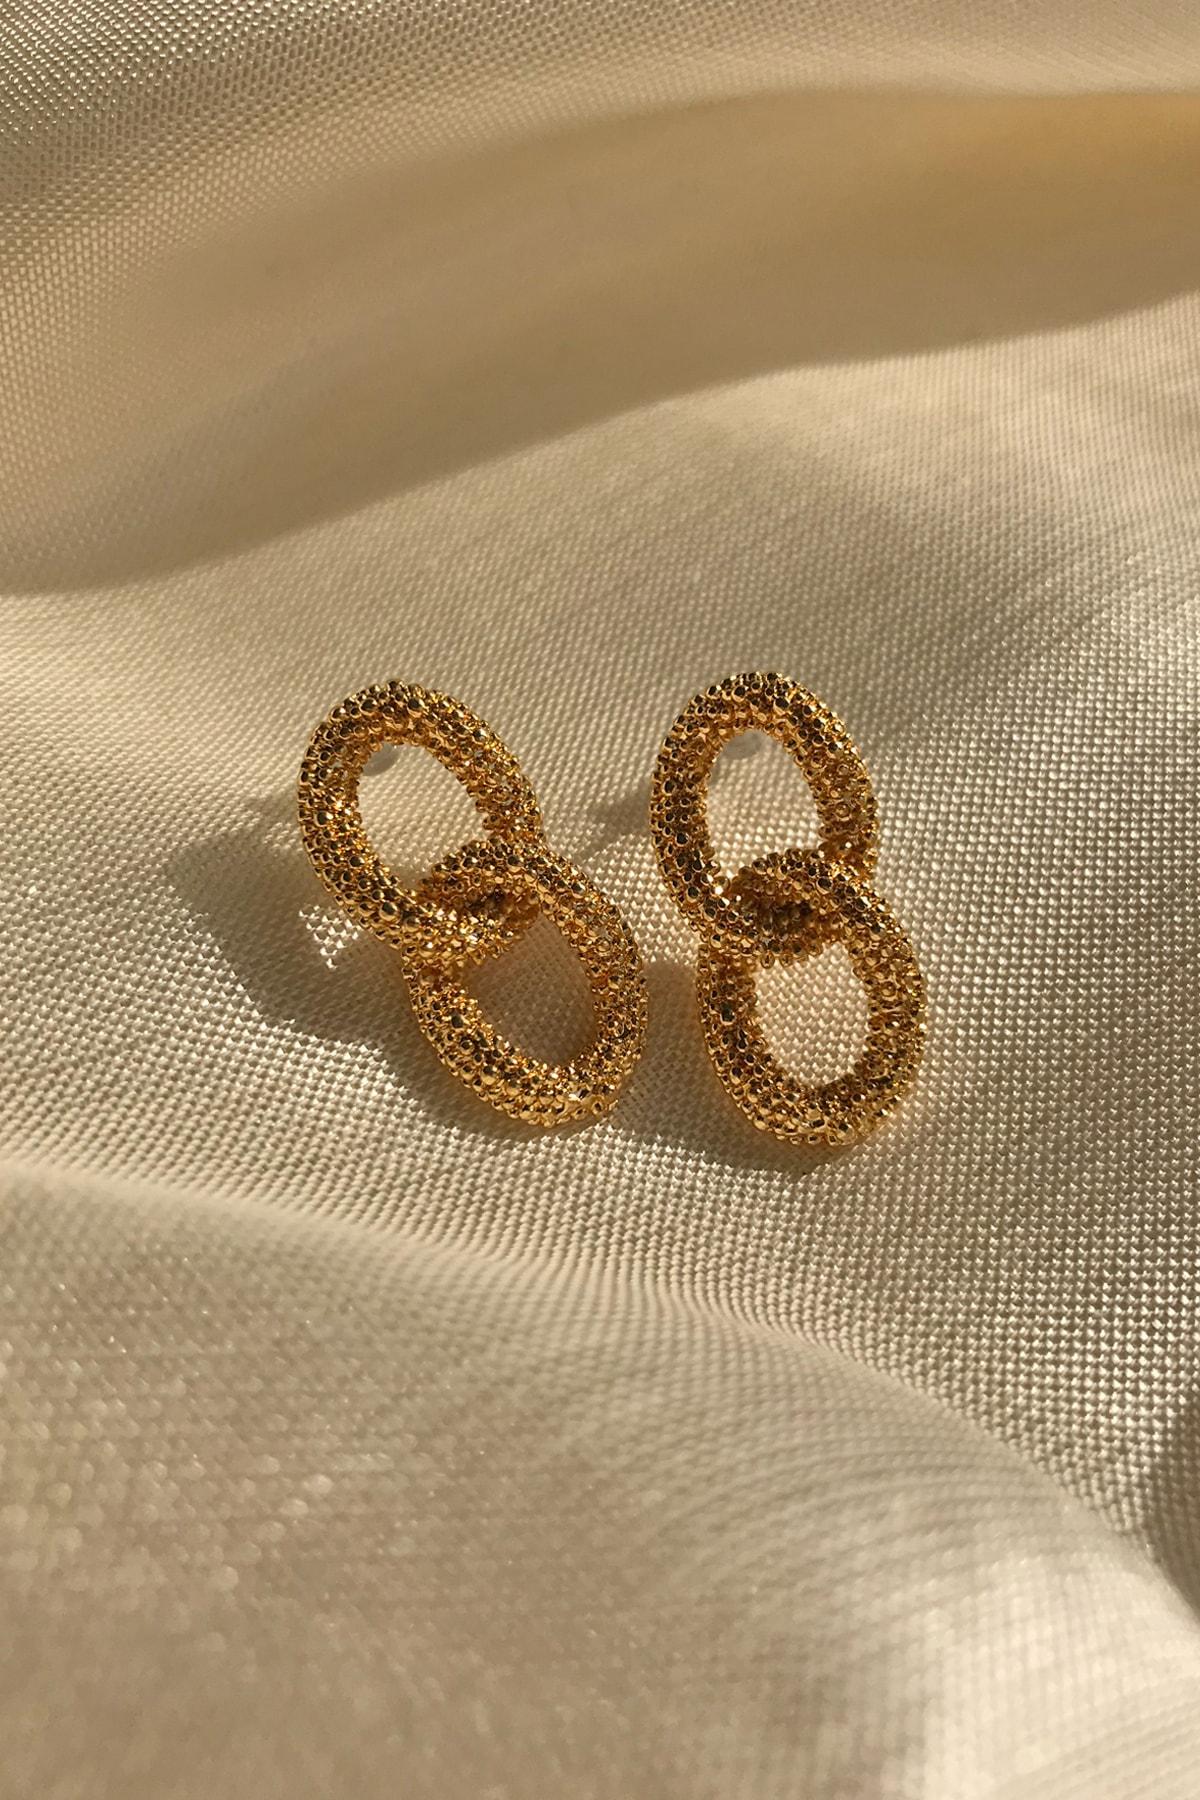 Bade Takı Kadın Altın Rengi Burgu Küpe 2